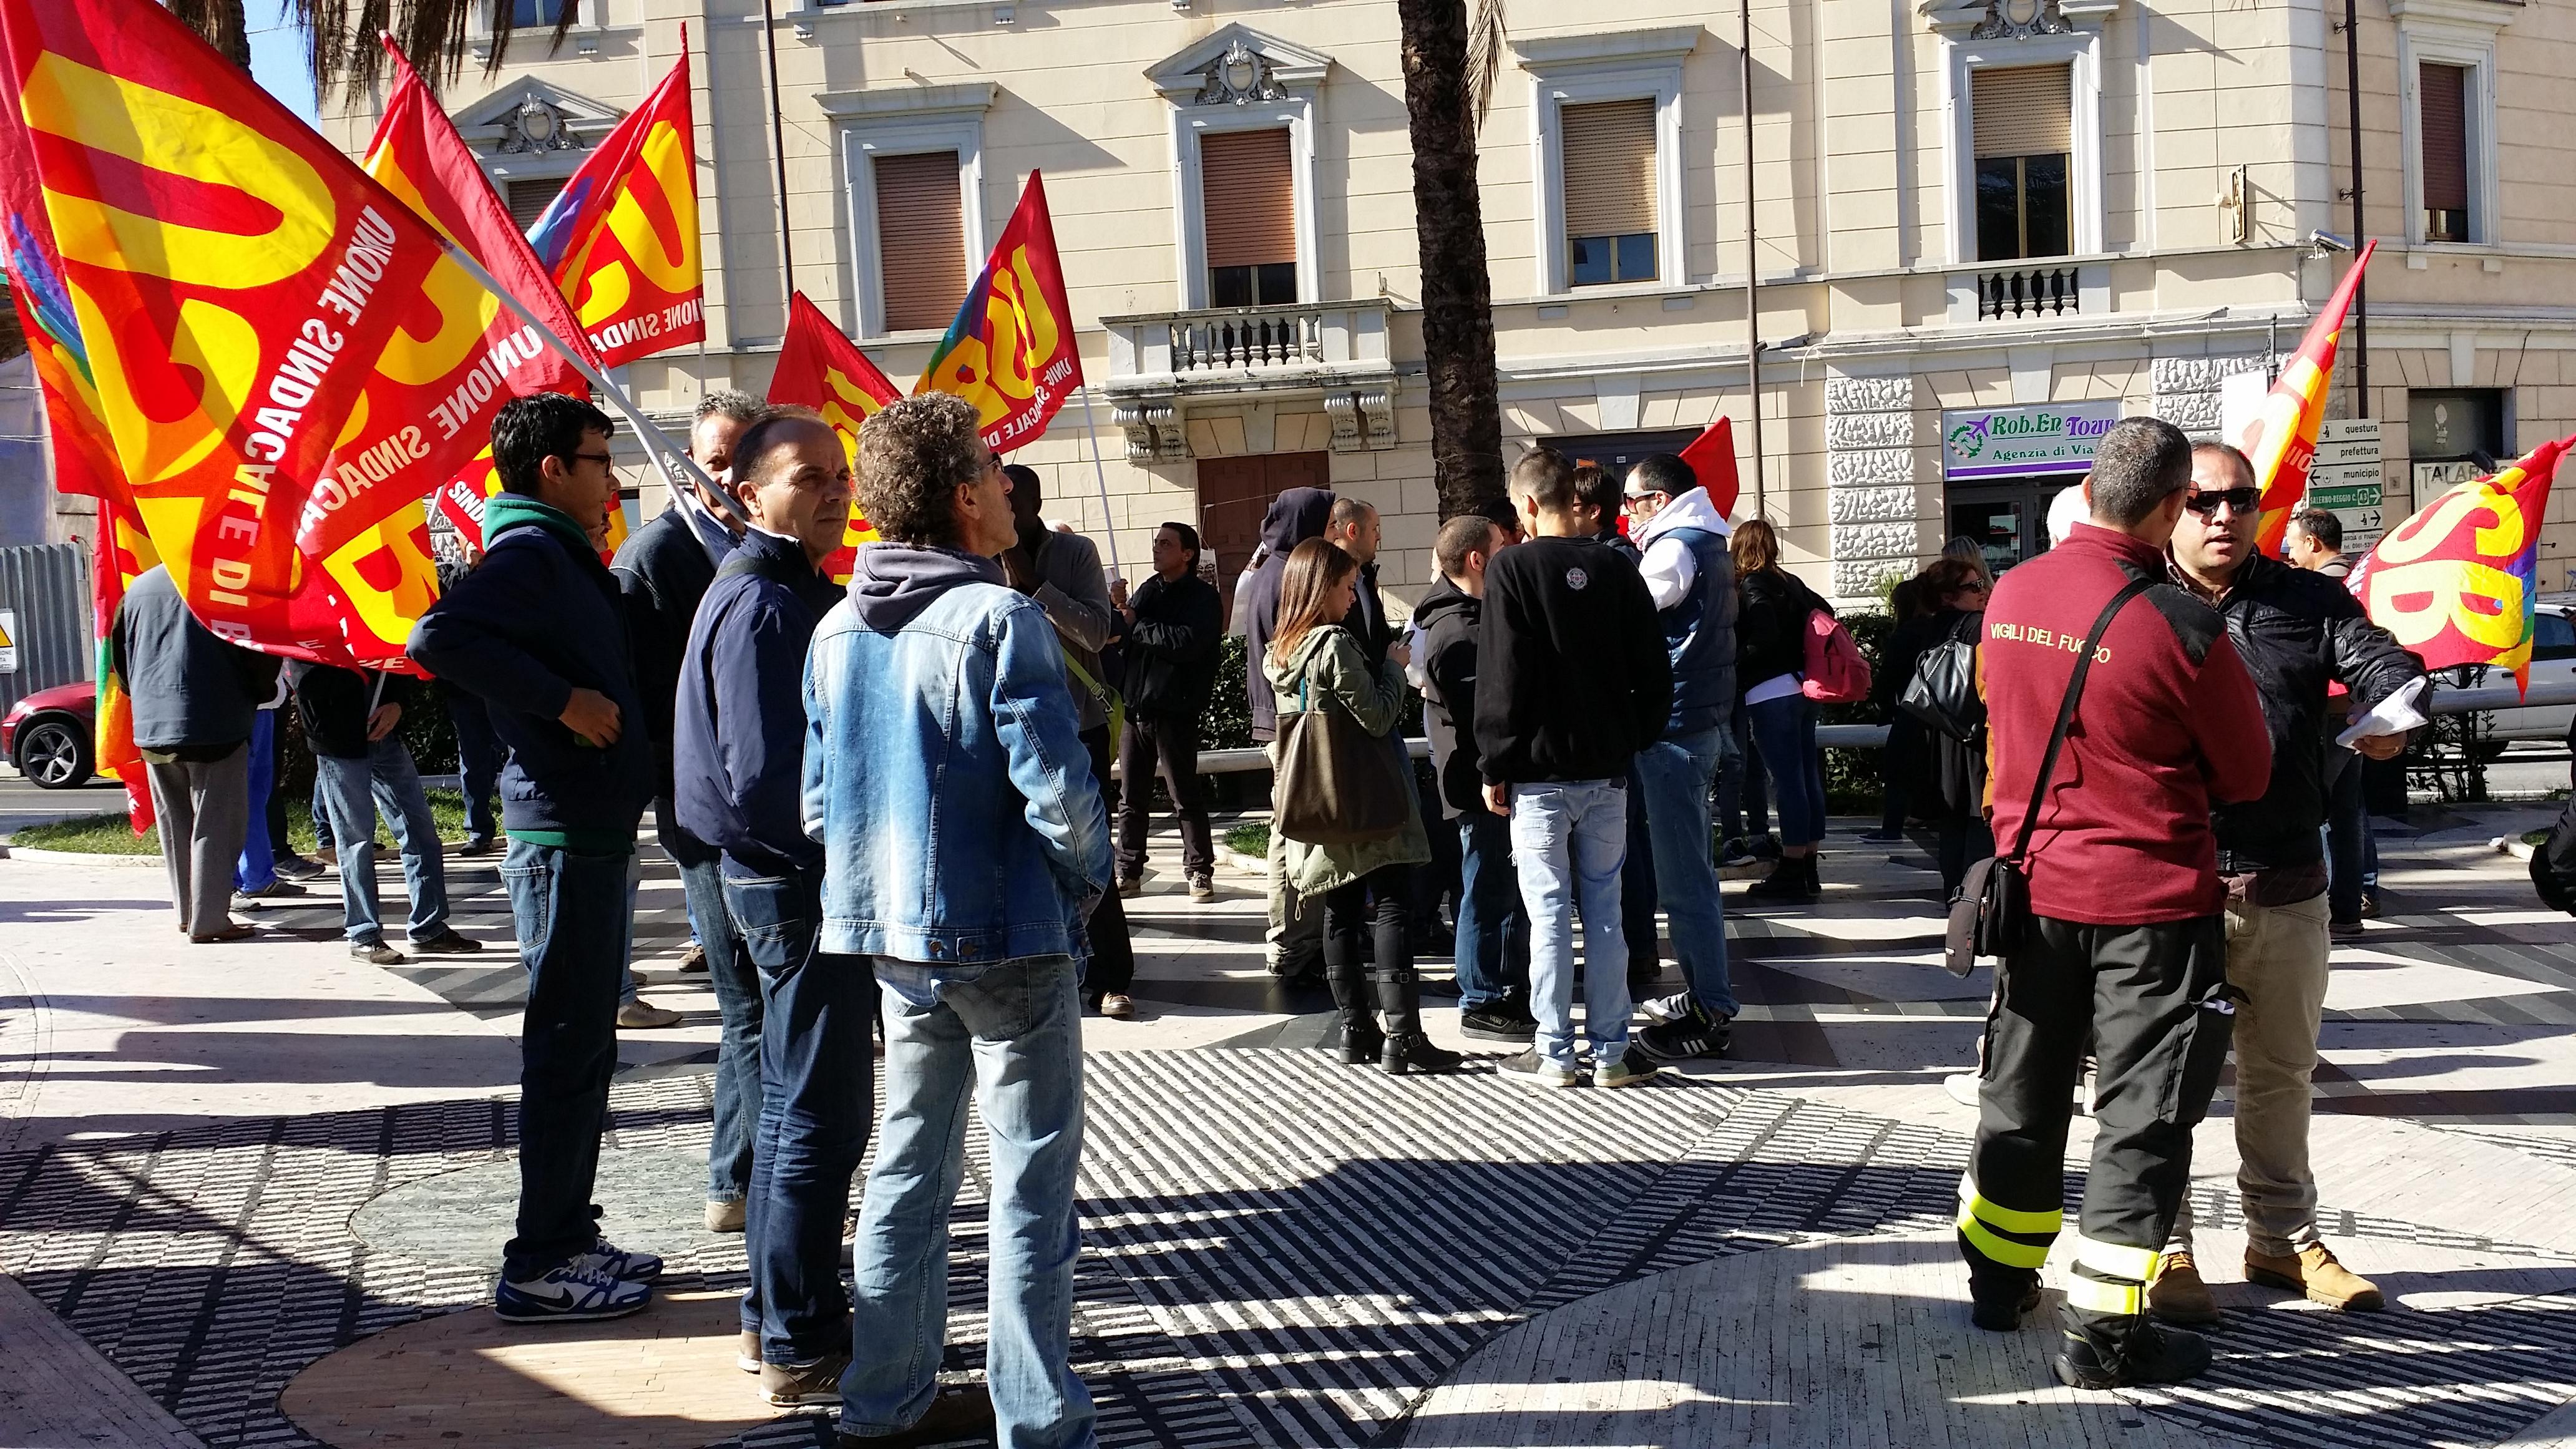 Protesta Usb contro governo Renzi a Catanzaro